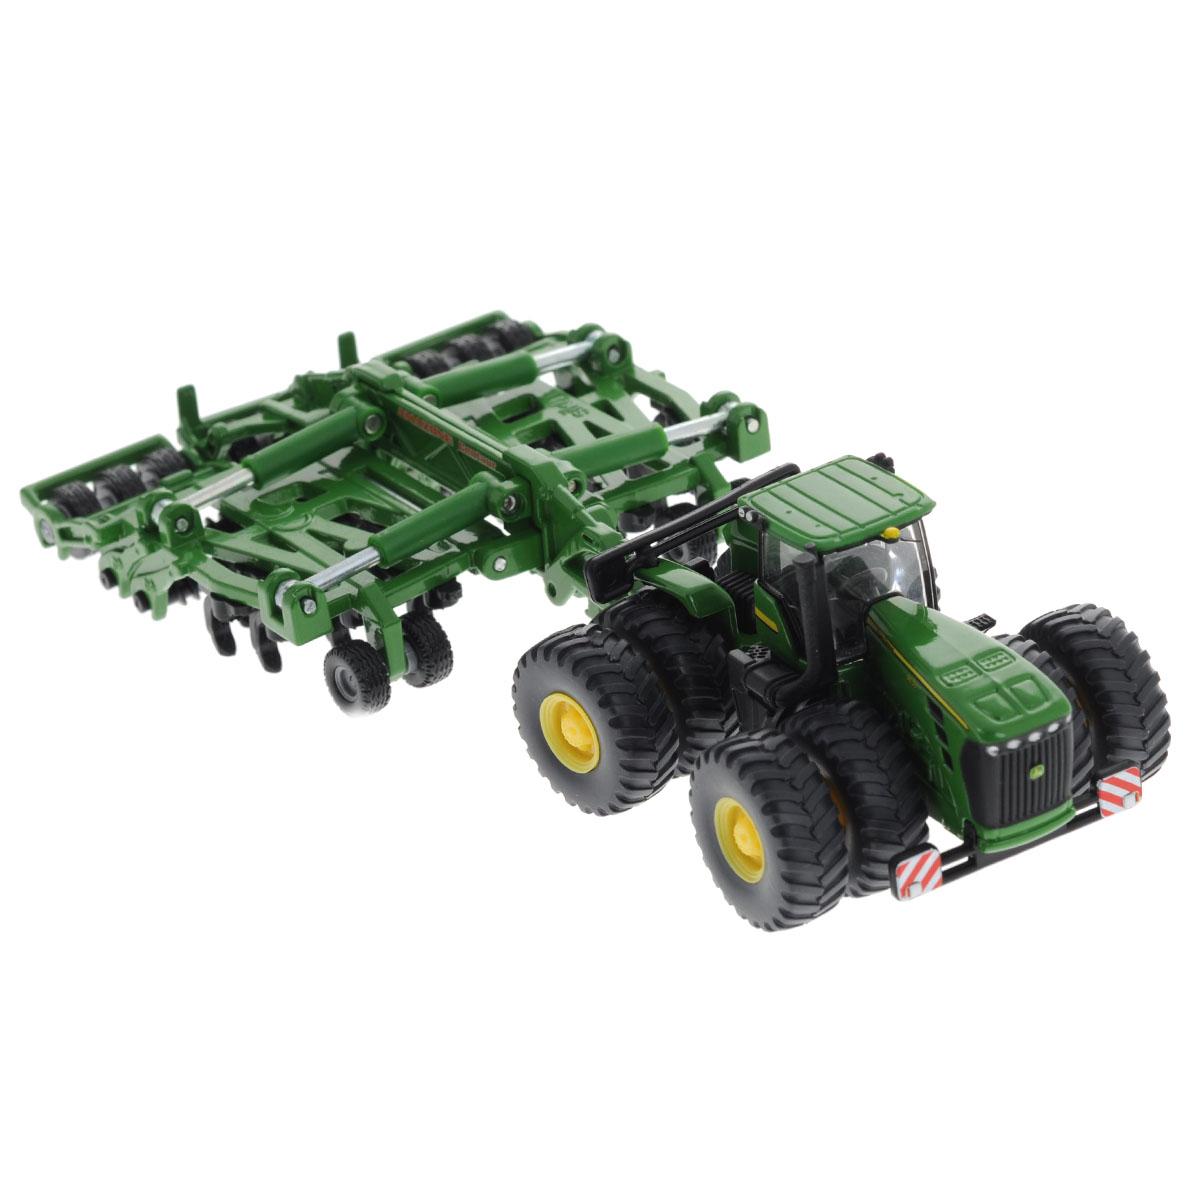 Siku Трактор John Deere 9630 c прицепом-культиватором Amazone Centaur